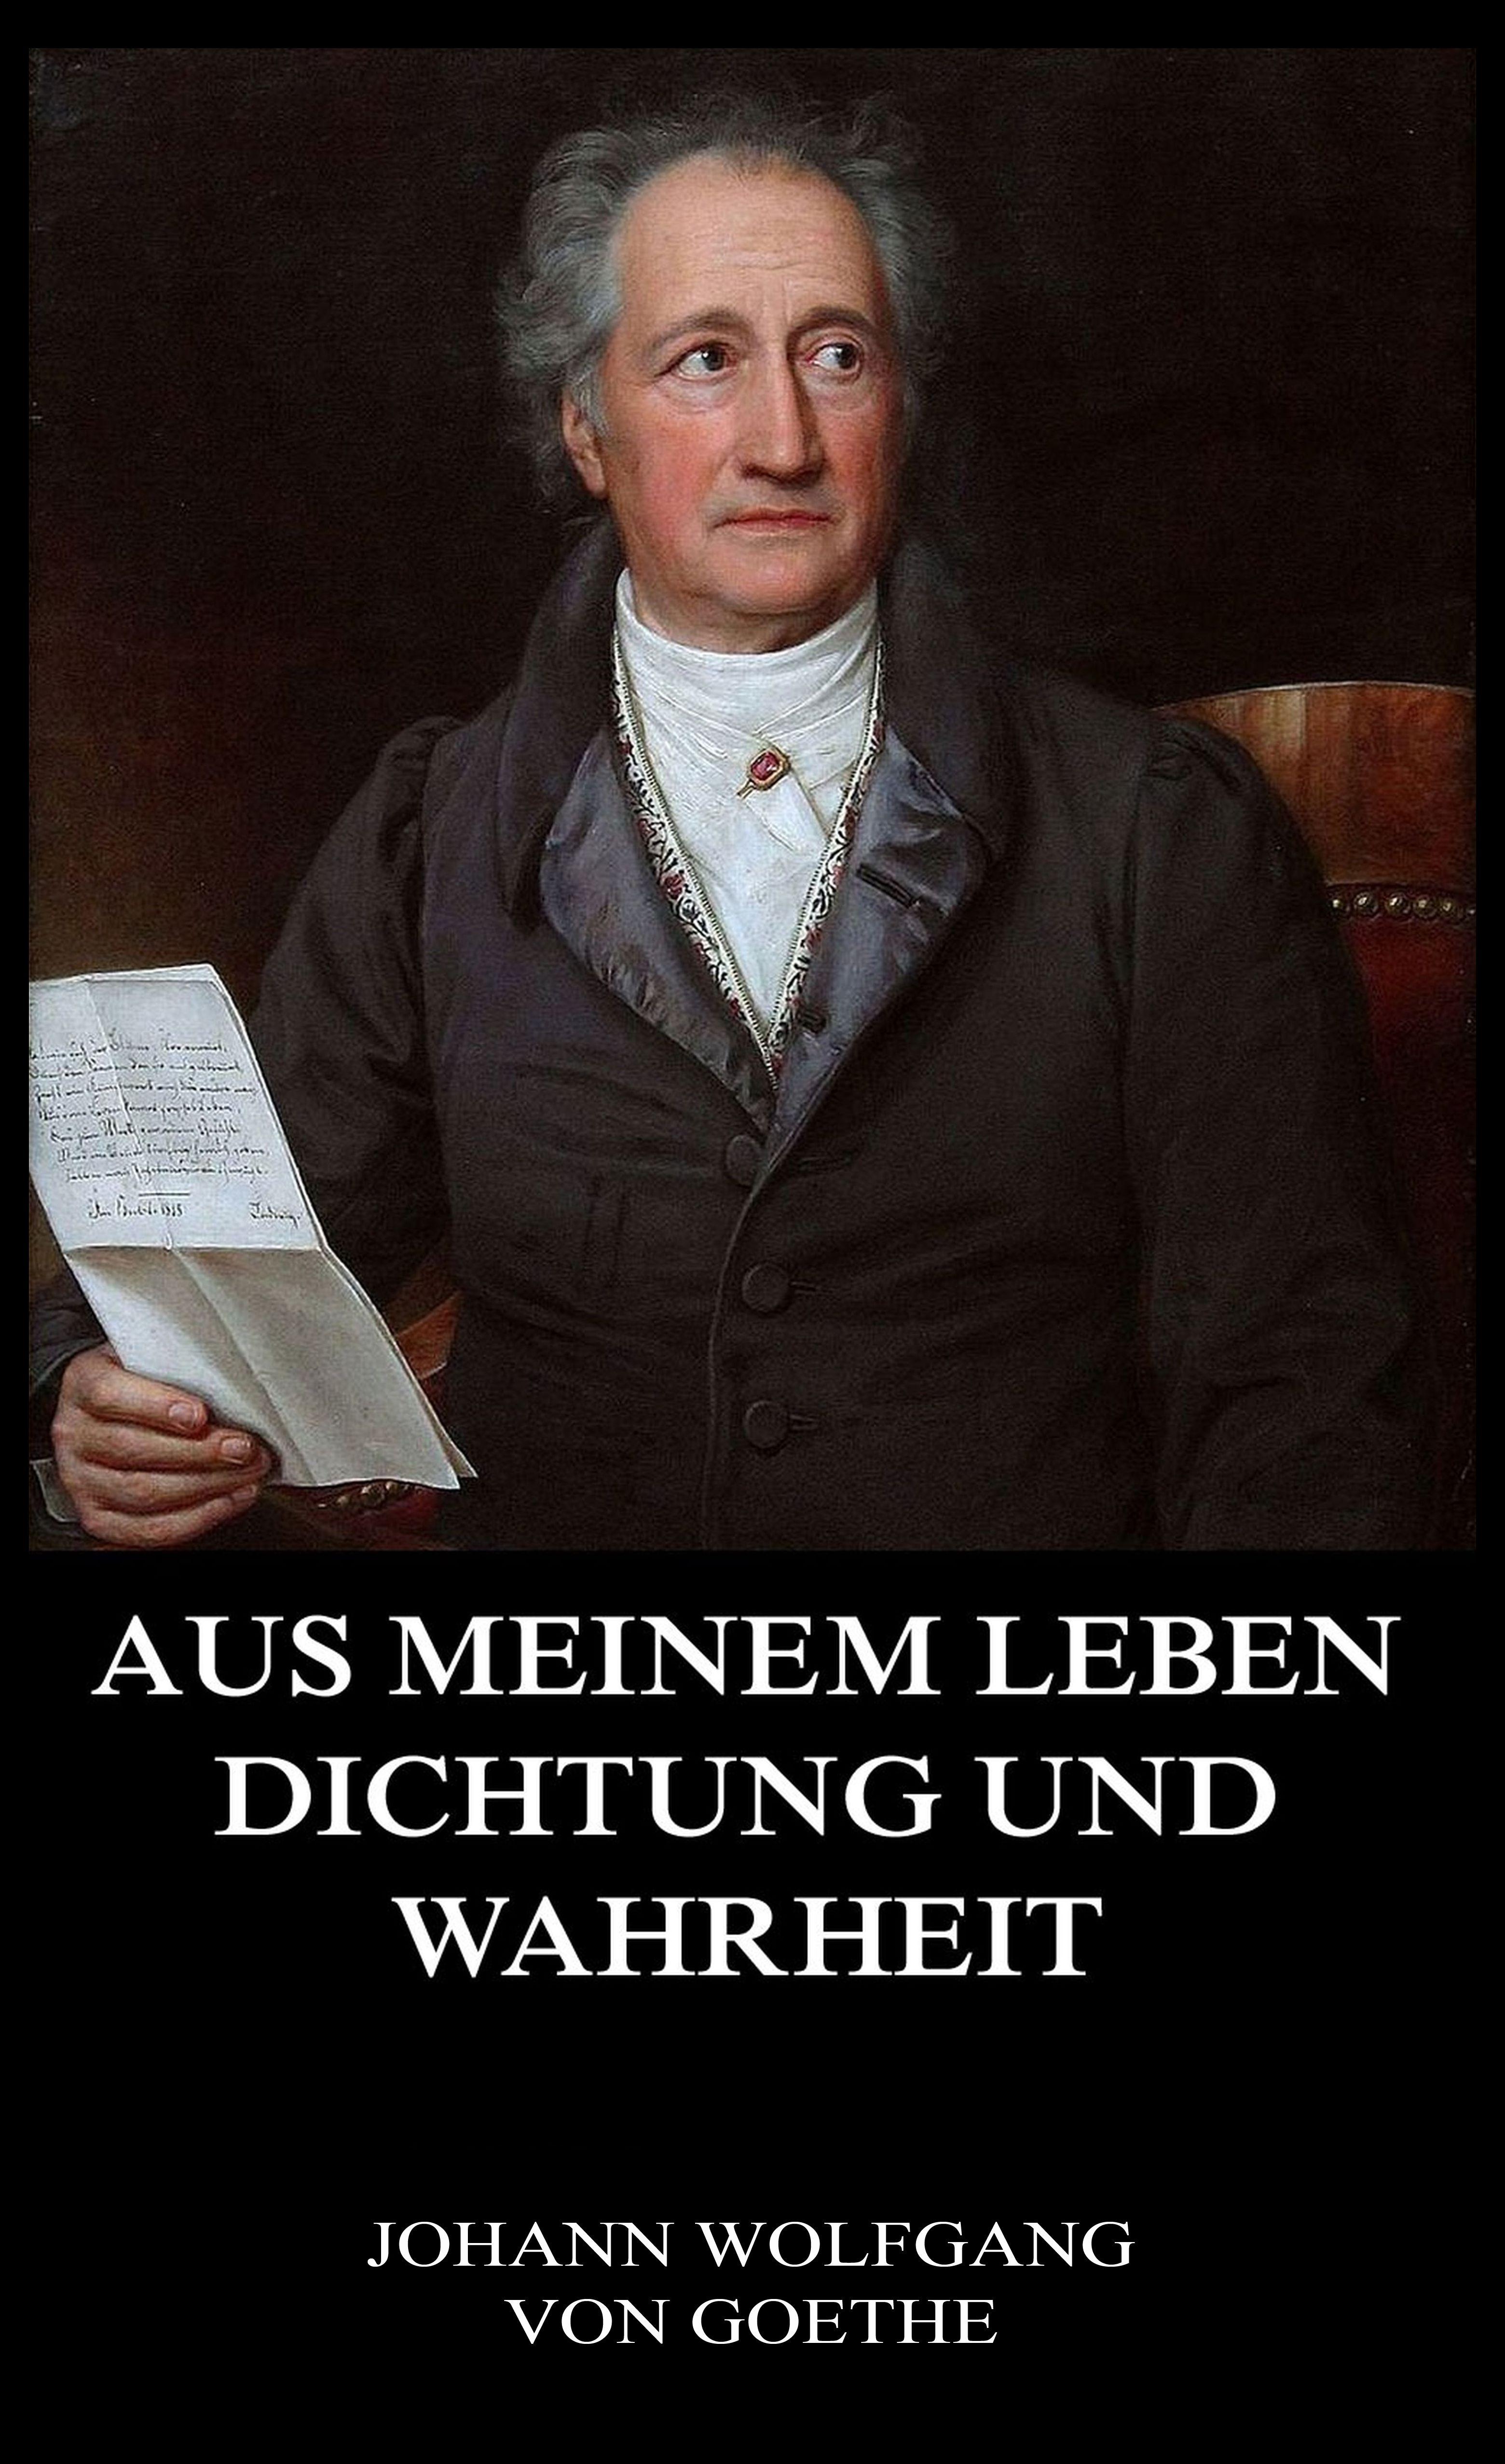 Johann Wolfgang von Goethe Aus meinem Leben, Dichtung und Wahrheit